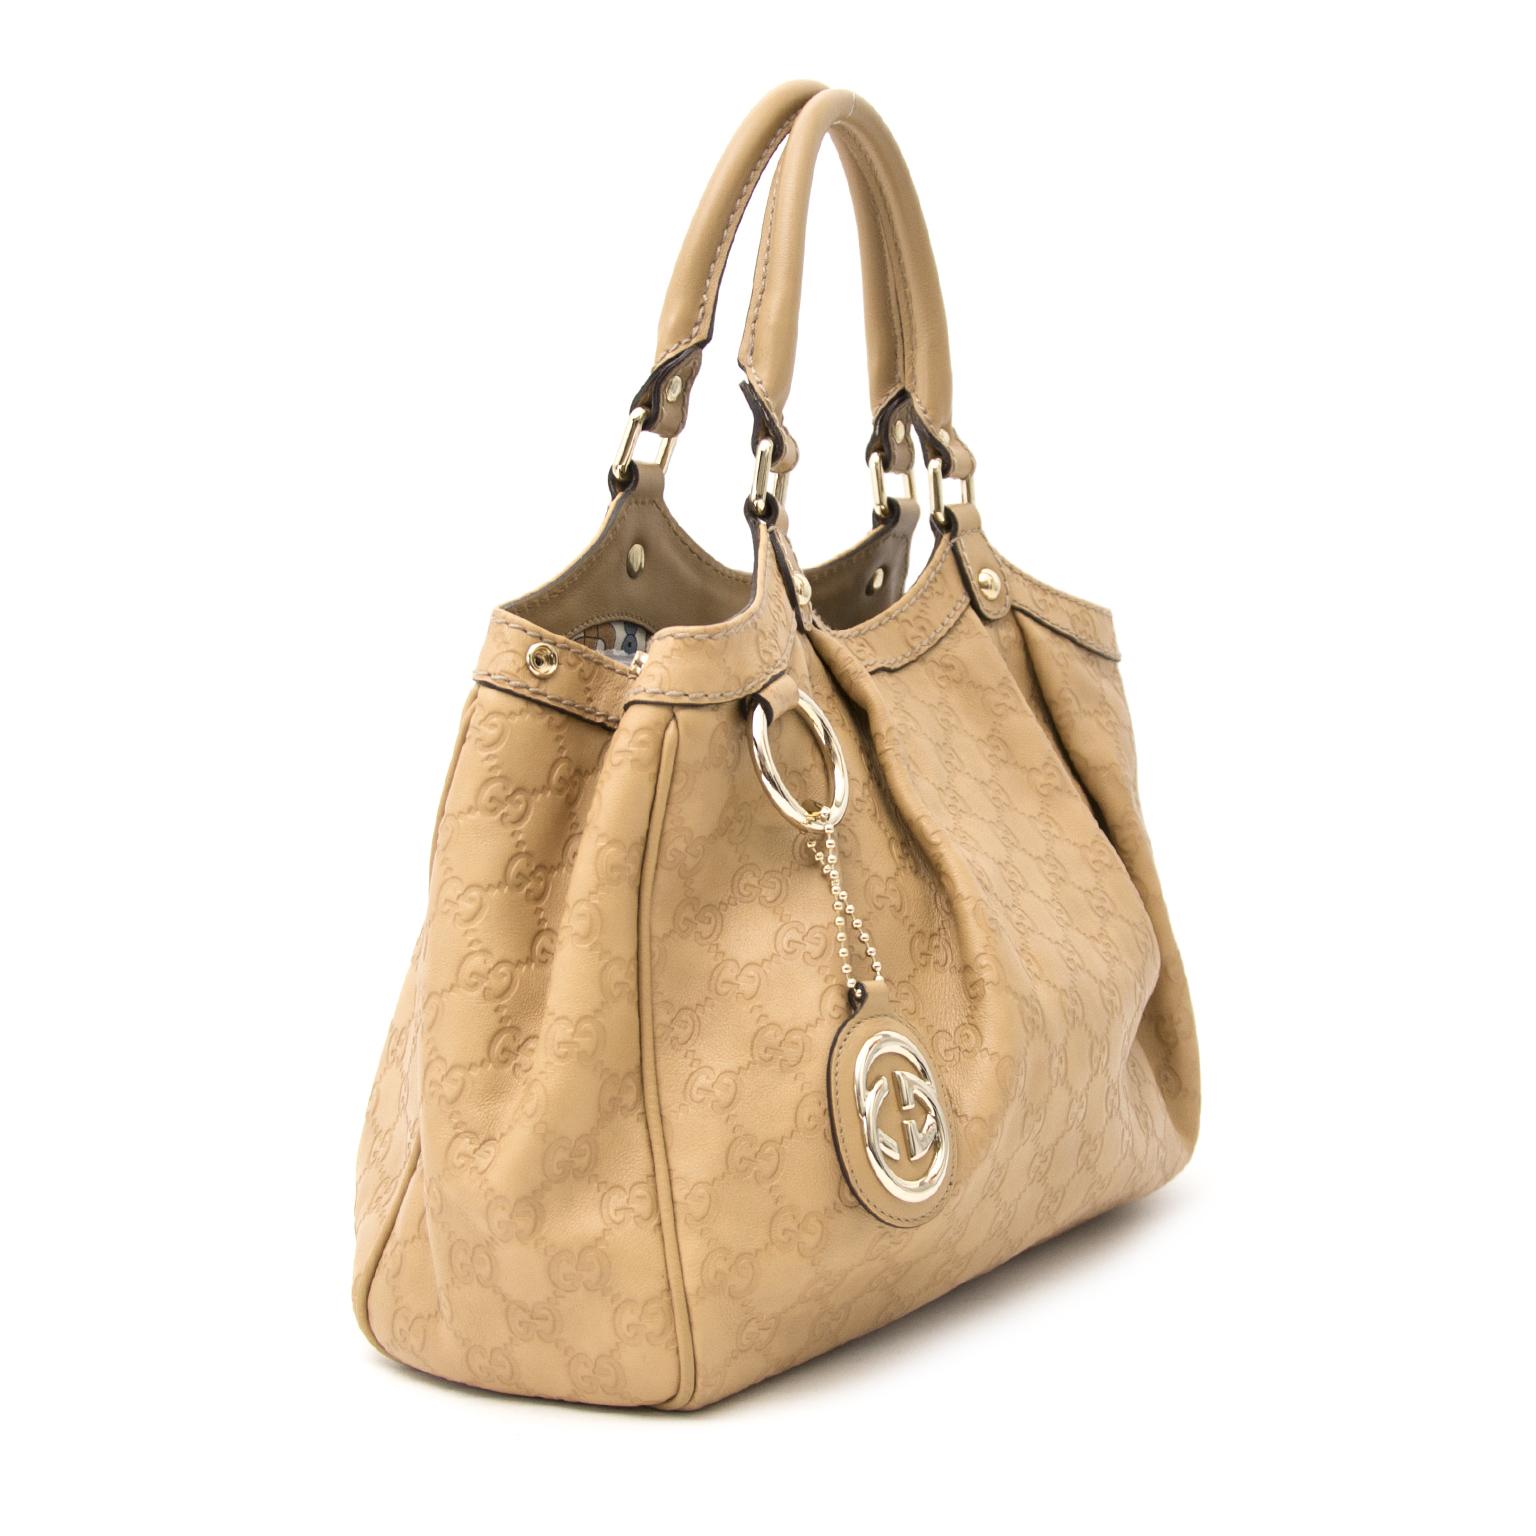 Achetez sans risque un vrai seconde main Sukey sac à main sur www.labellov.com au meilleur prix